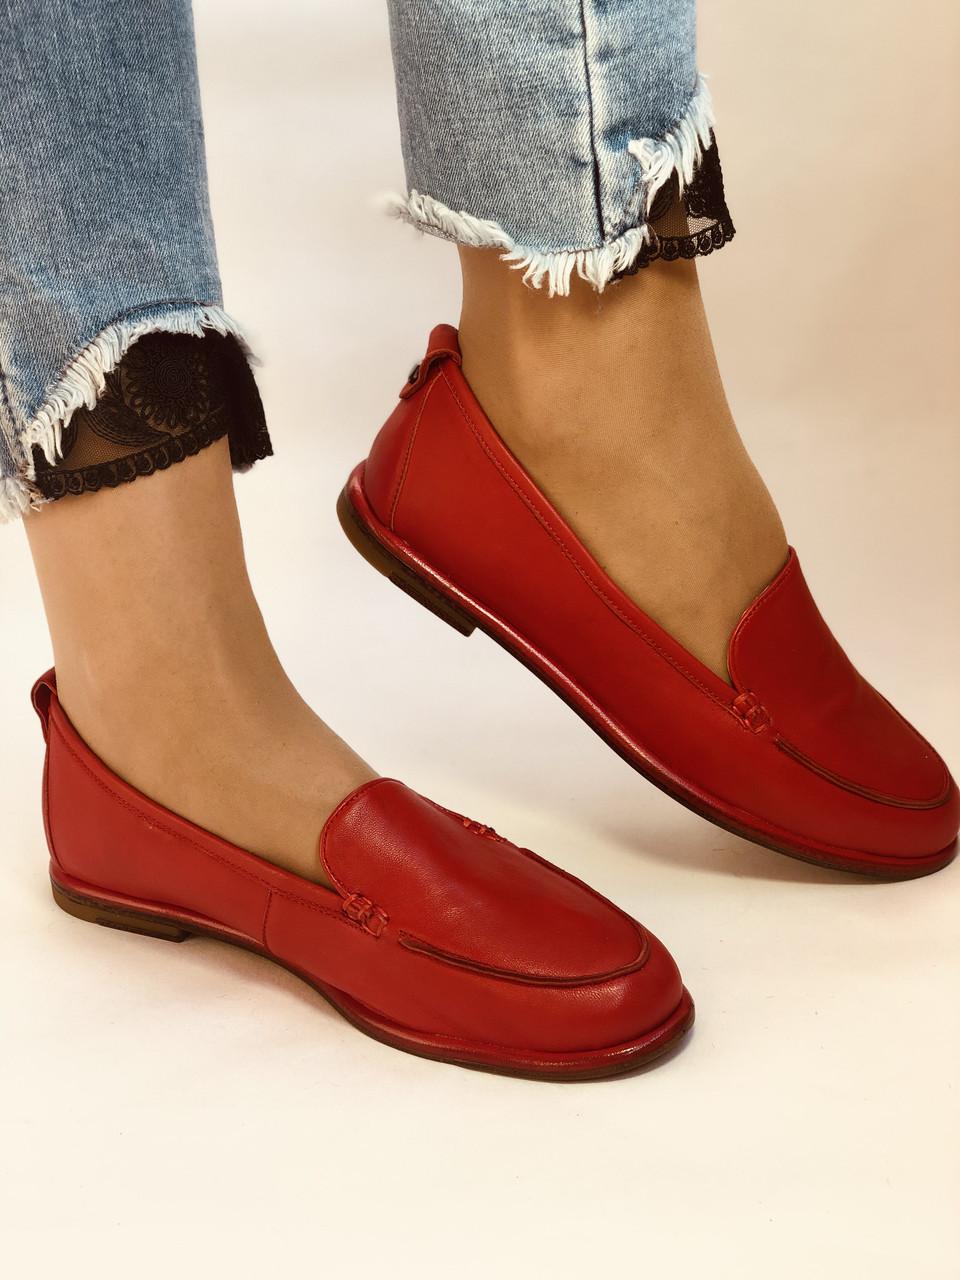 Комфорт! Женские туфли -мокасины из натуральной кожи.Красый и бежевый 35-40.Vellena